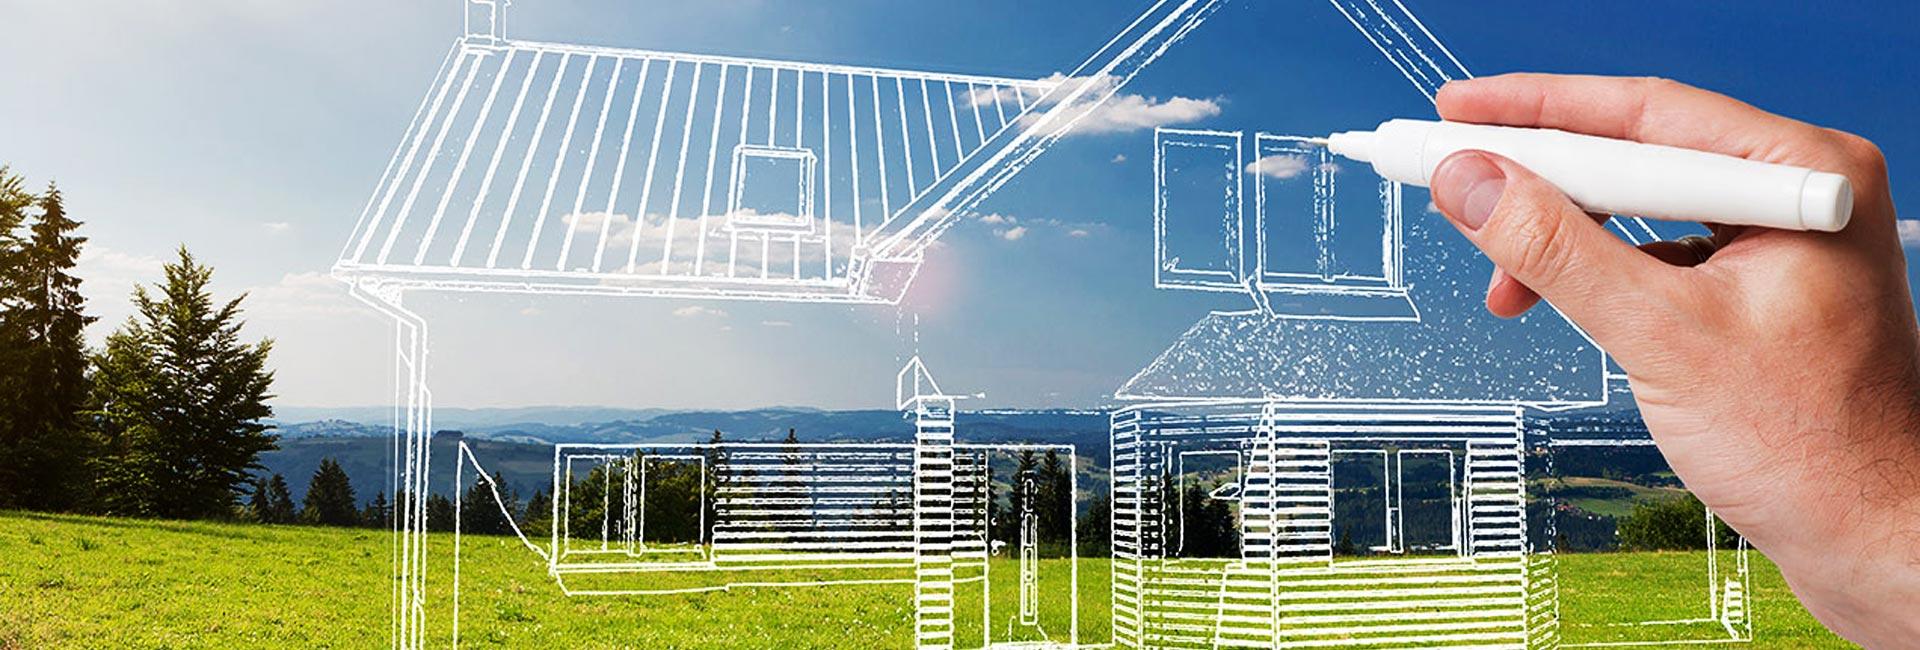 Le terrain idéal pour construire votre maison